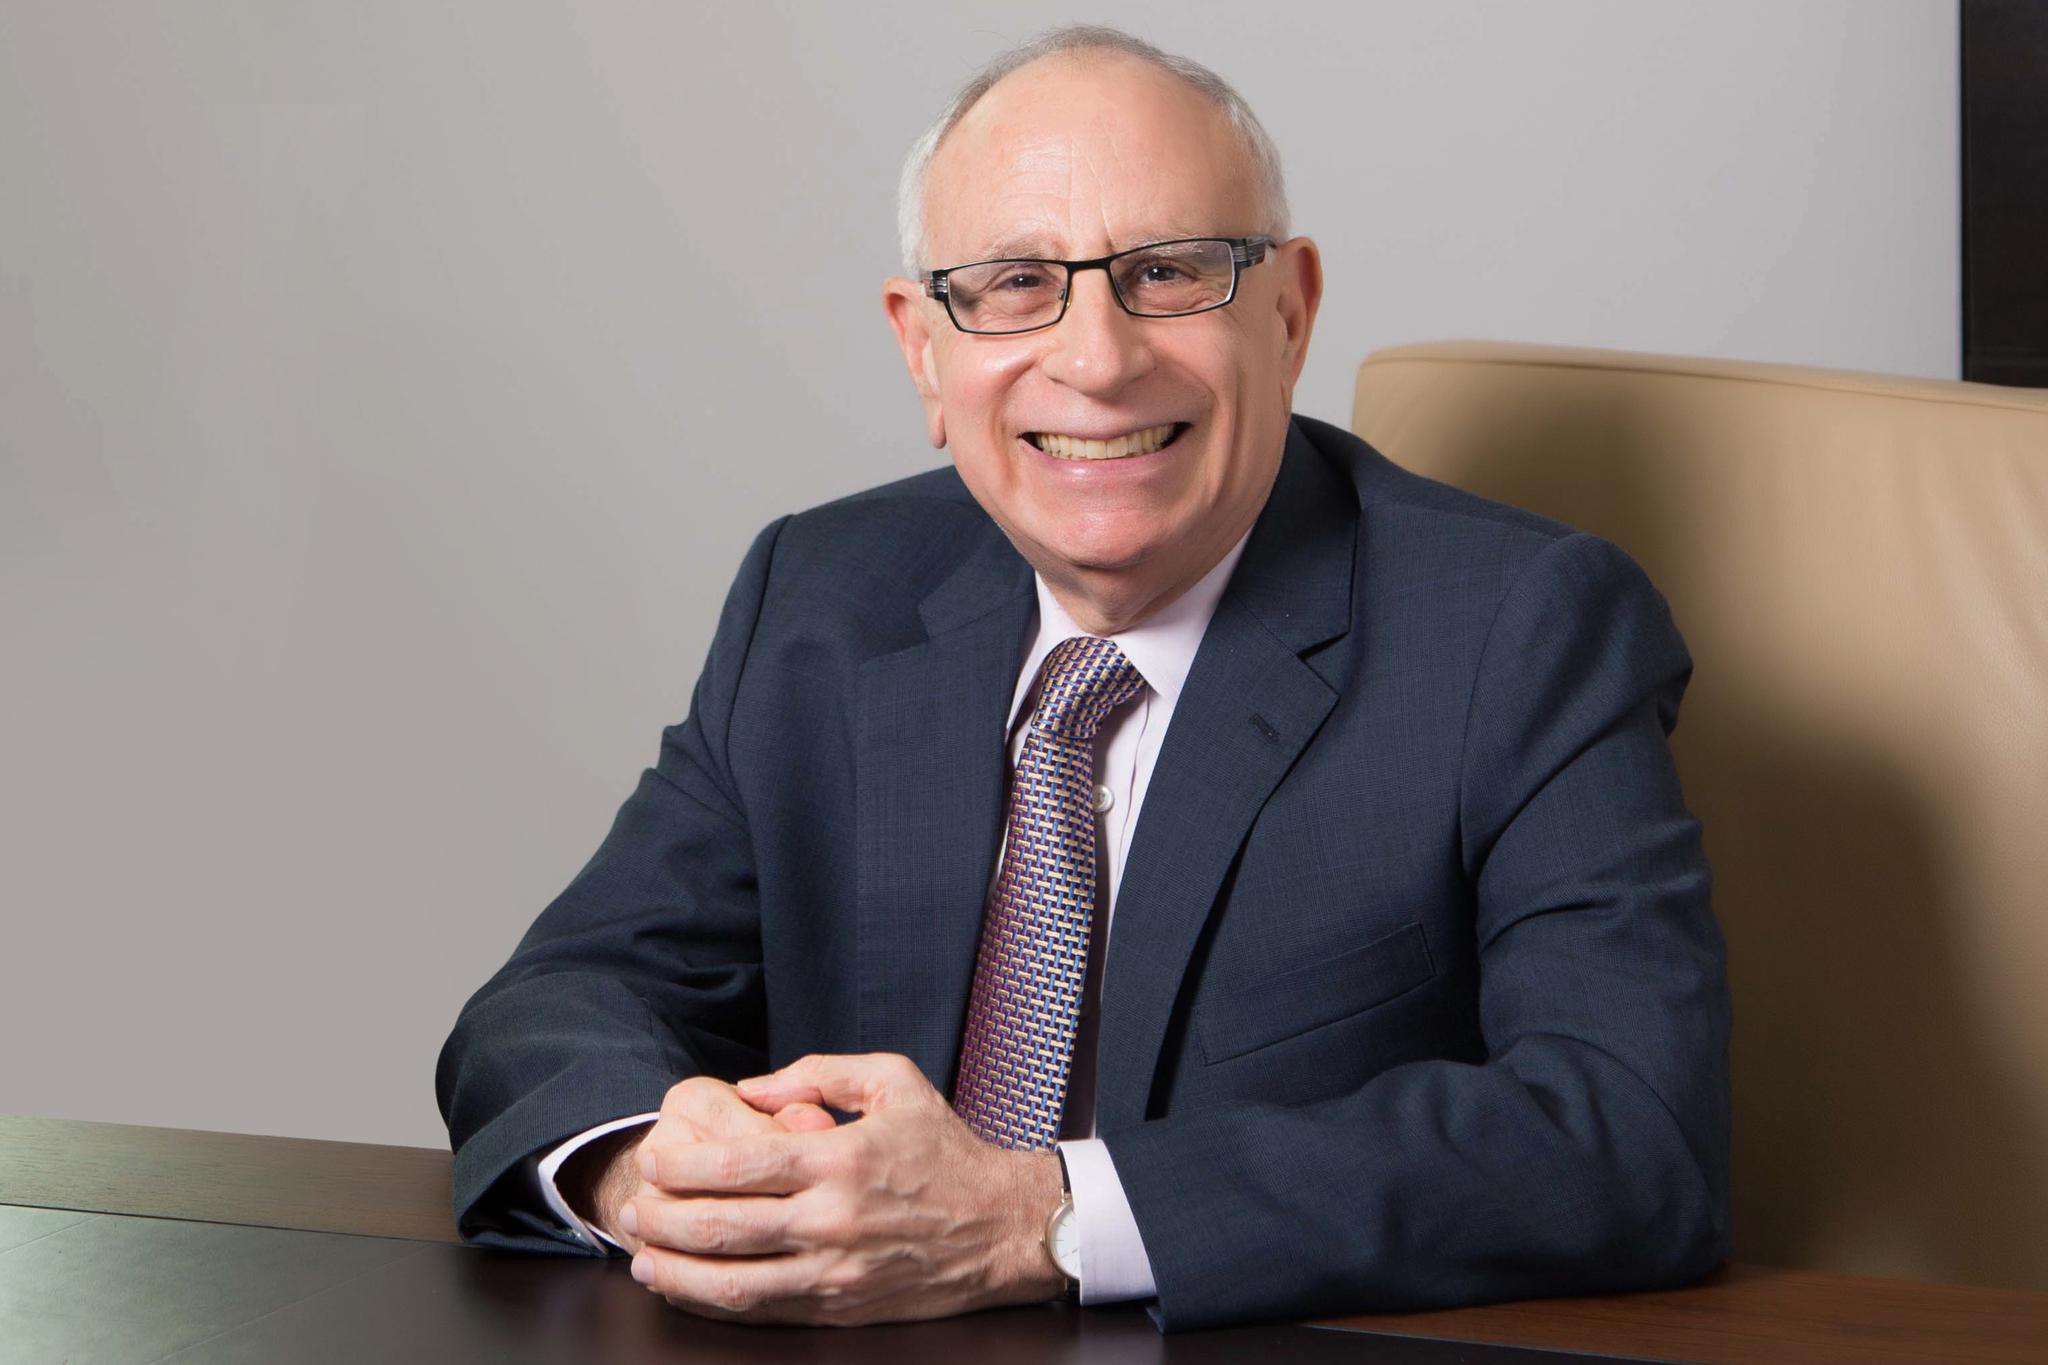 资深全球教育领导者艾尔弗雷德·布鲁姆将出任昆山杜克大学常务副校长